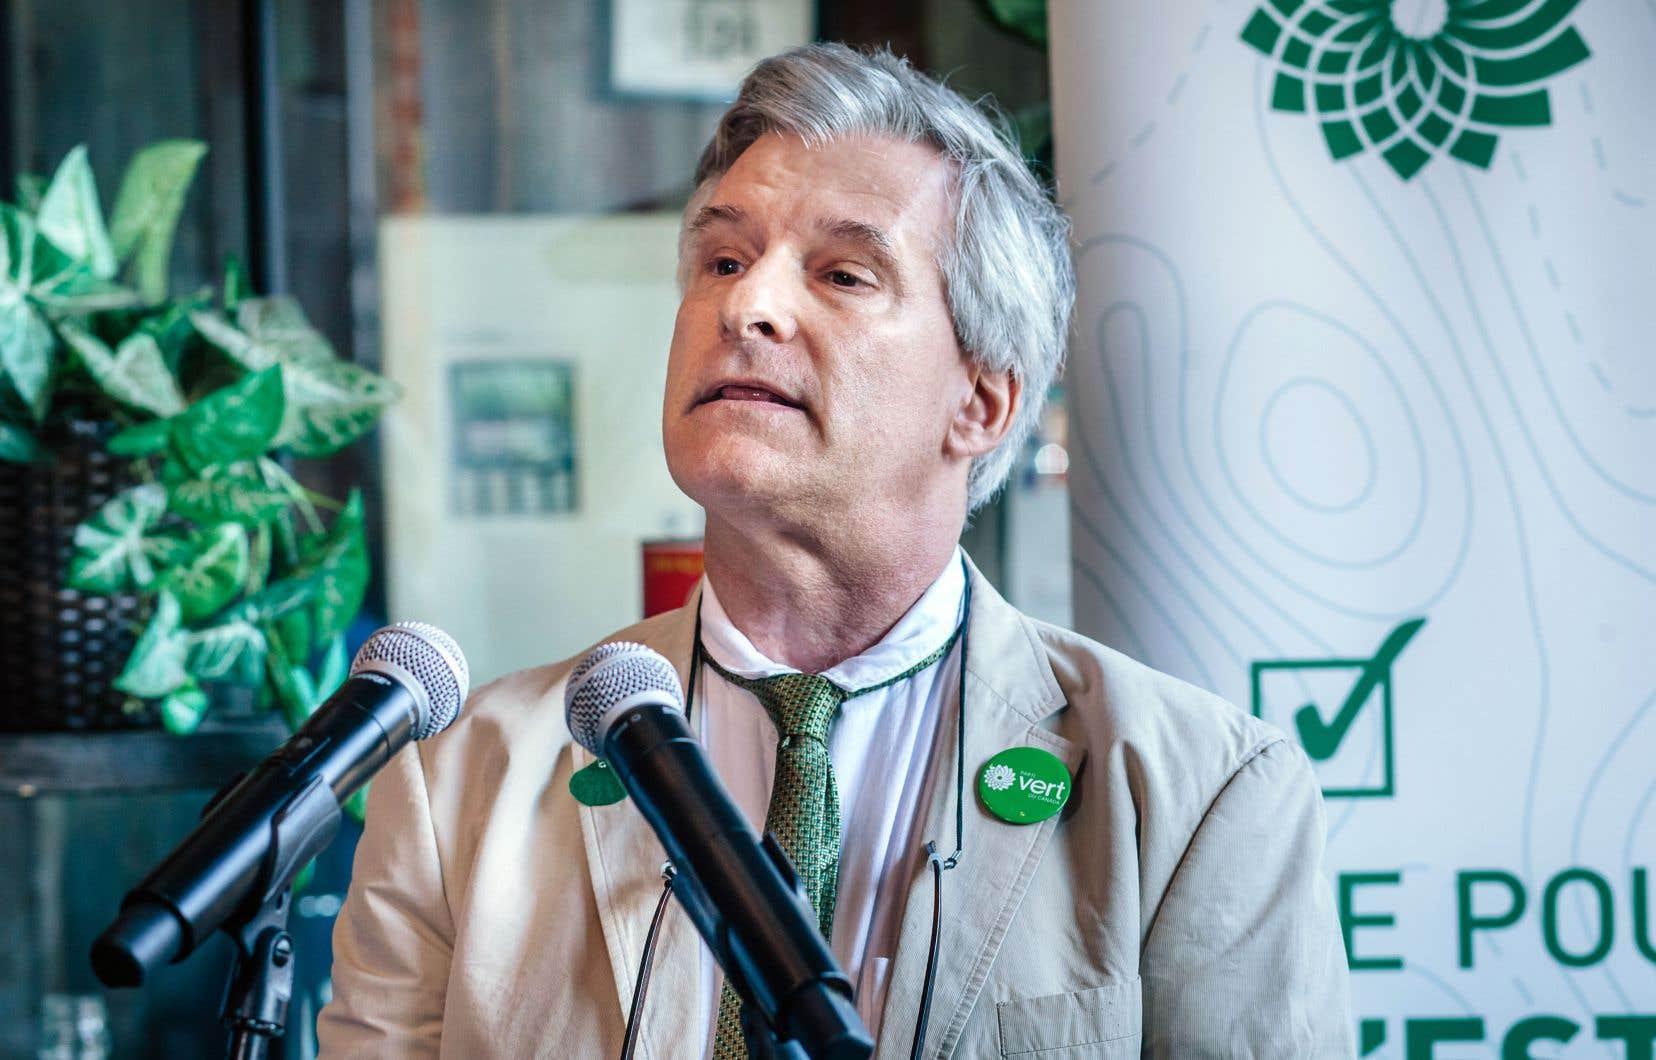 Le chef adjoint du Parti vert du Canada, Daniel Green, lors de l'investiture d'un candidat à Montréal, en août dernier.